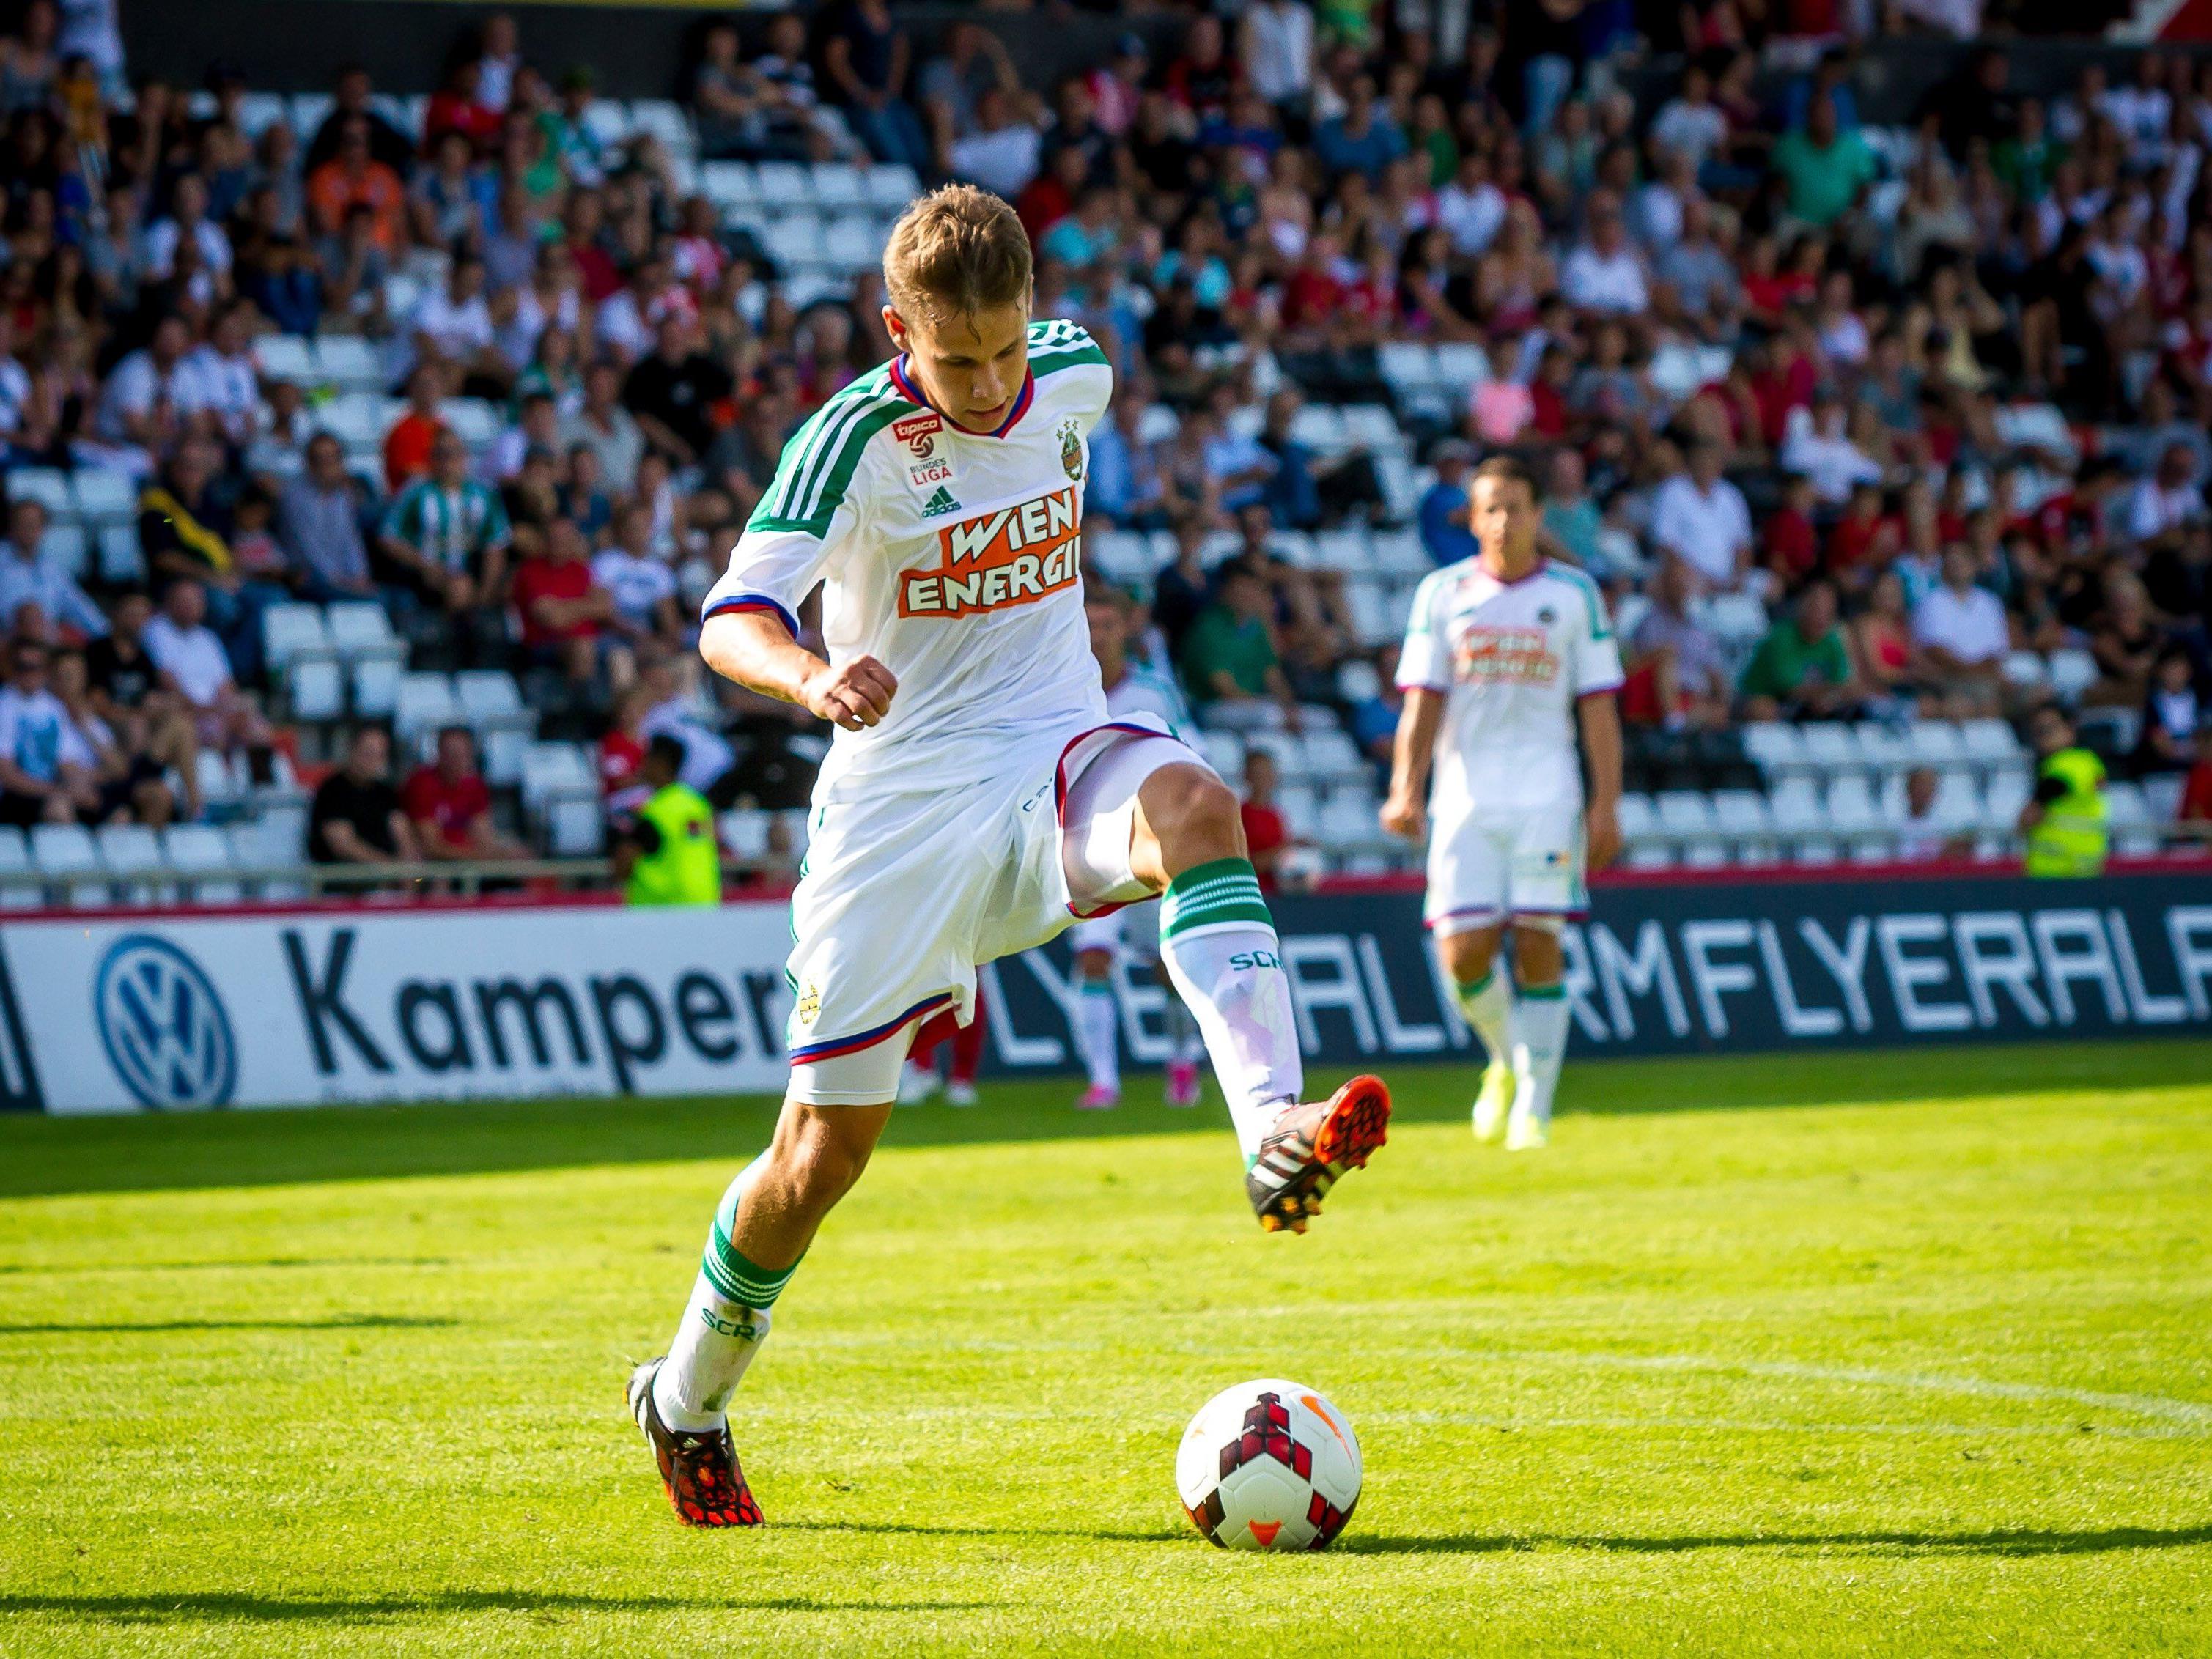 LIVE-Ticker zum Spiel SK Rapid Wien gegen SCR Altach ab 16.30 Uhr.